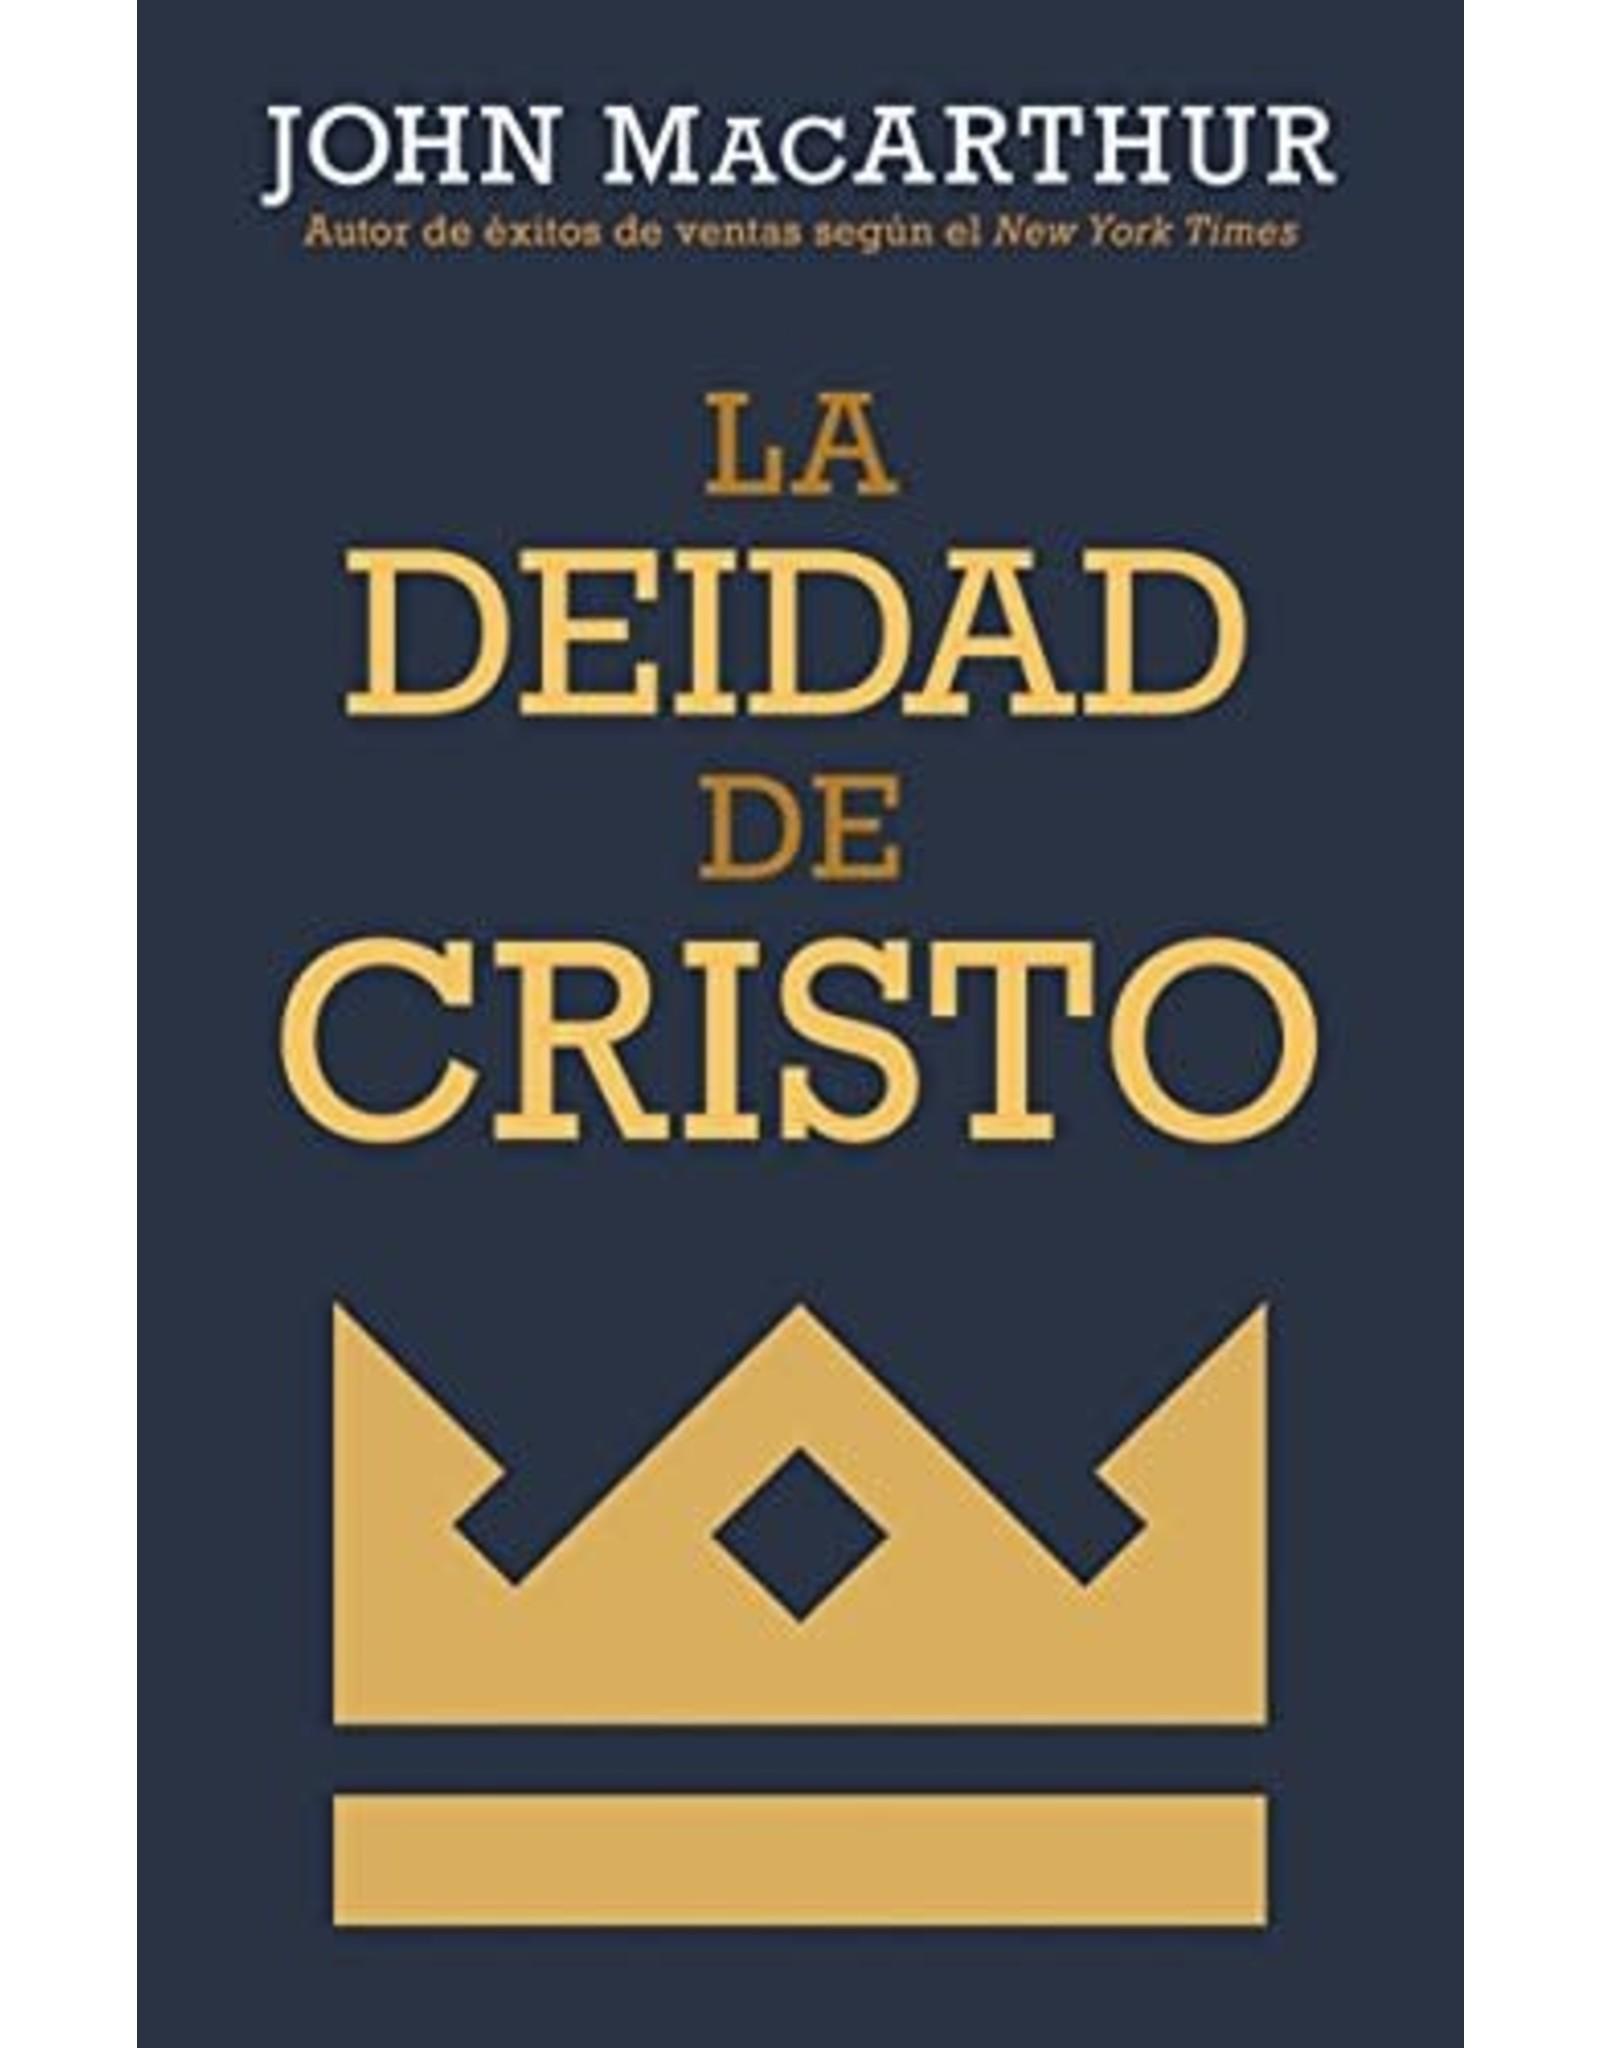 Kregel / Portavoz / Ingram La deidad de Cristo (The Deity of Christ in Spanish)